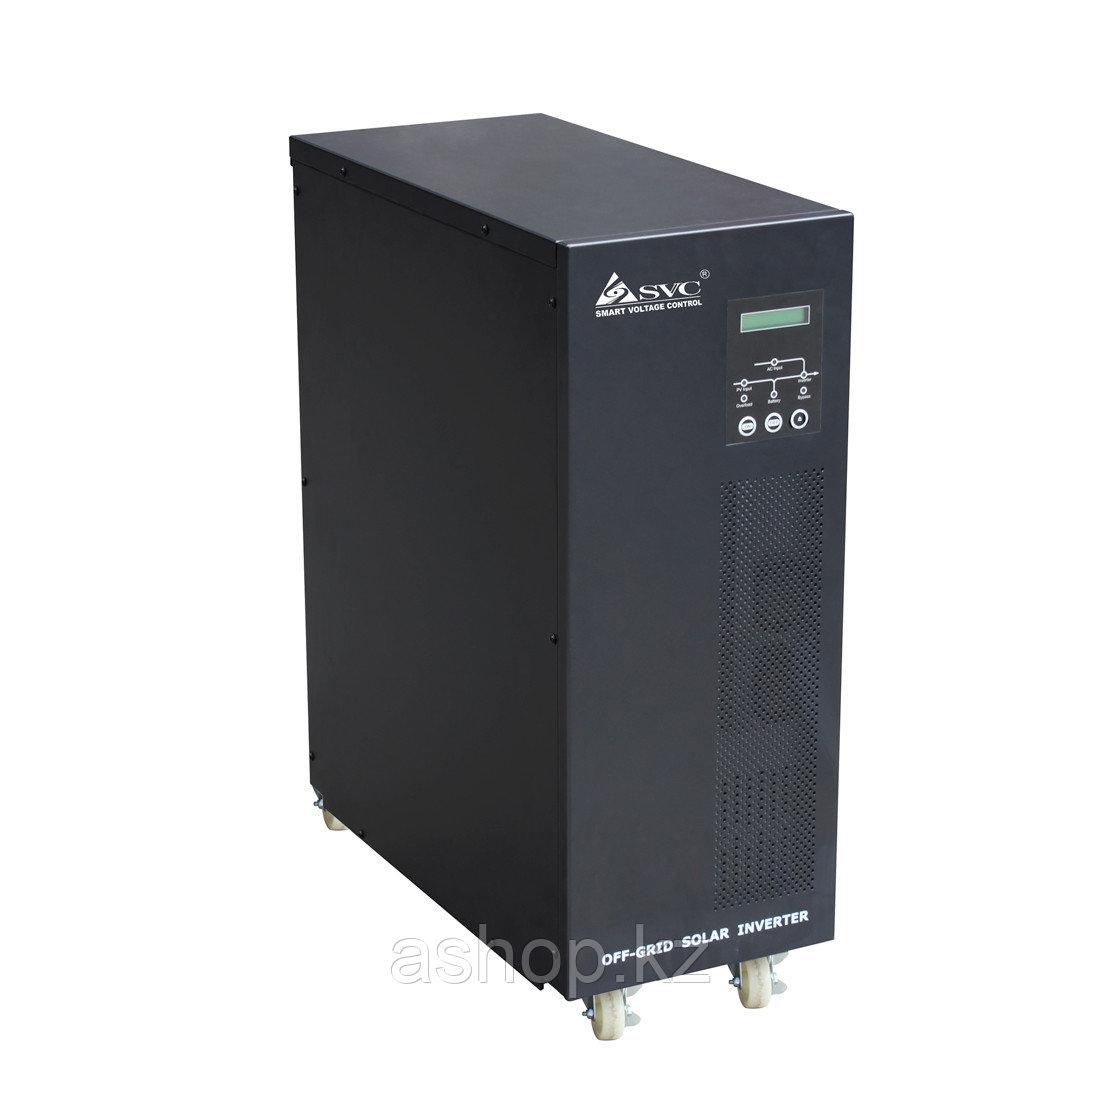 Инвертор SPV SPV-L-6000, Мощность нагрузки: 6 кВА, Питание: 220 В, 50 Гц, Выход: 220 В, Клемма, Чёрный